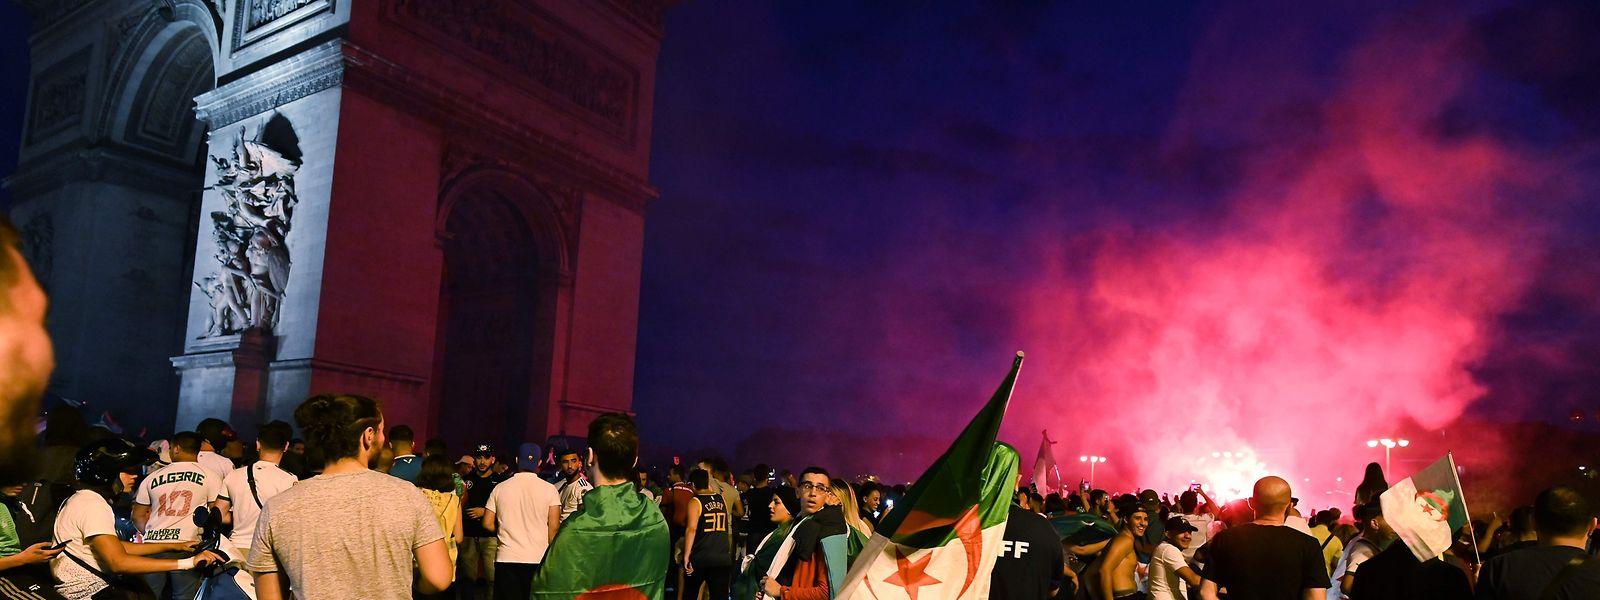 Em Paris, milhares de pessoas concentraram-se por volta da meia-noite junto ao Arco do Triunfo após o apuramento da equipa argelina para as semifinais do campeonato de futebol que decorre no Egipto.